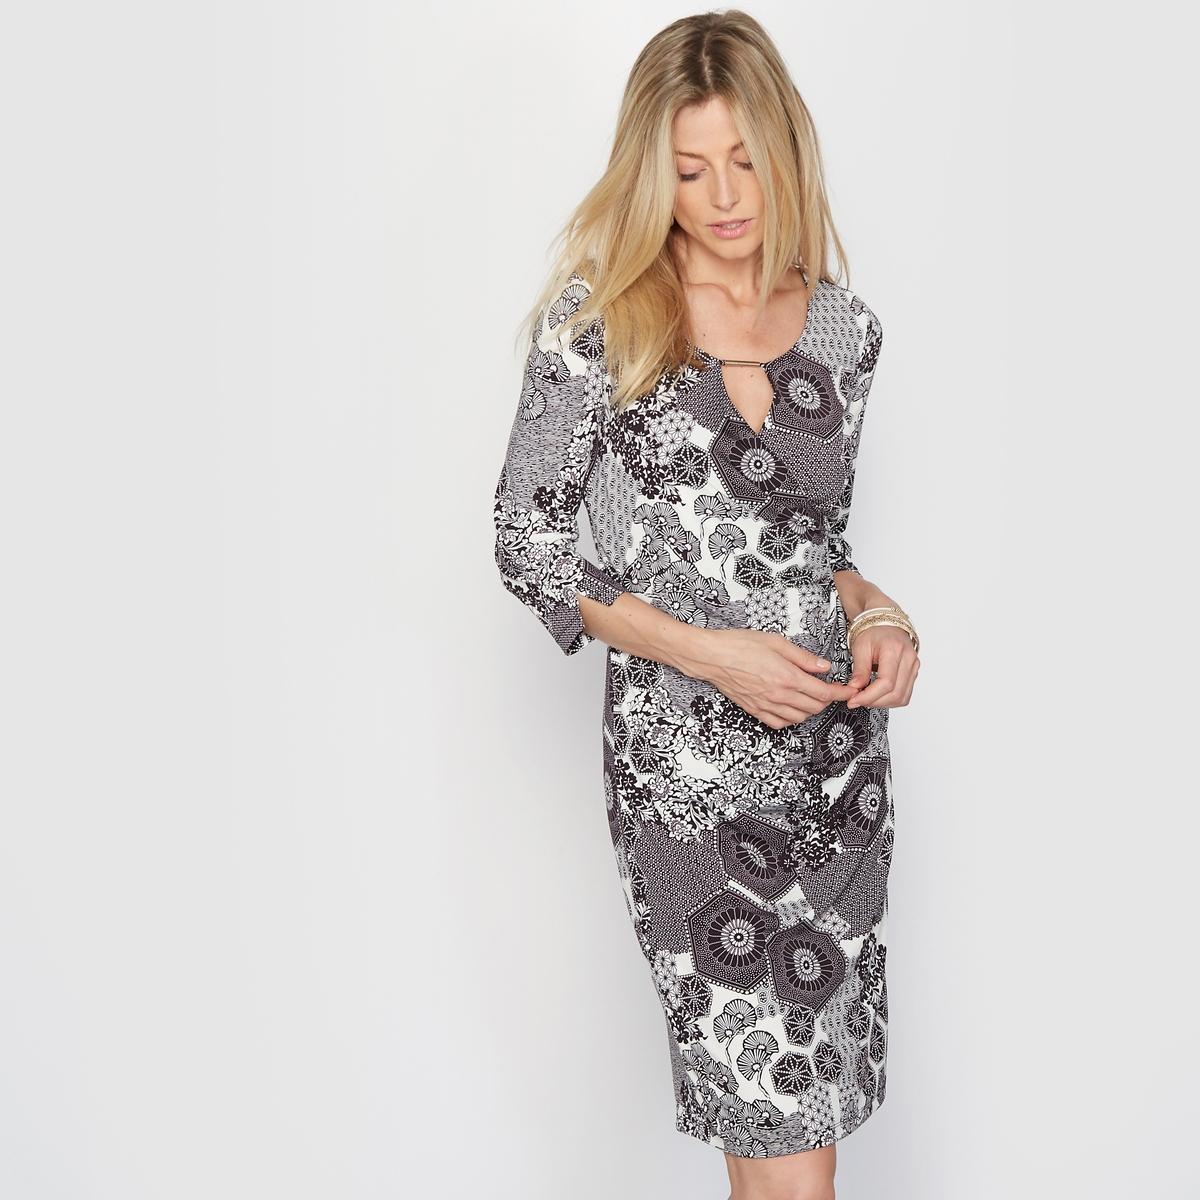 Платье с рисунком из крепового трикотажаПлатье с рисунком. Длинные рукава. Женственная и очень комфортная форма, красиво подчеркивающая силуэт. Глубокий вырез-капелька с отделкой. Низ рукавов со складками. Красивый креповый трикотаж, струящийся и немнущийся, комфортный, замечательный на ощупь.Состав и описание :Материал : Креповый трикотаж 86% полиэстера, 14% эластана.Подкладка : 100% полиэстер.Длина 95 см. Марка : Anne WeyburnУход :Машинная стирка при 30 °С в умеренном режиме.Гладить при умеренной температуре.<br><br>Цвет: рисунок/фон экрю<br>Размер: 42 (FR) - 48 (RUS)